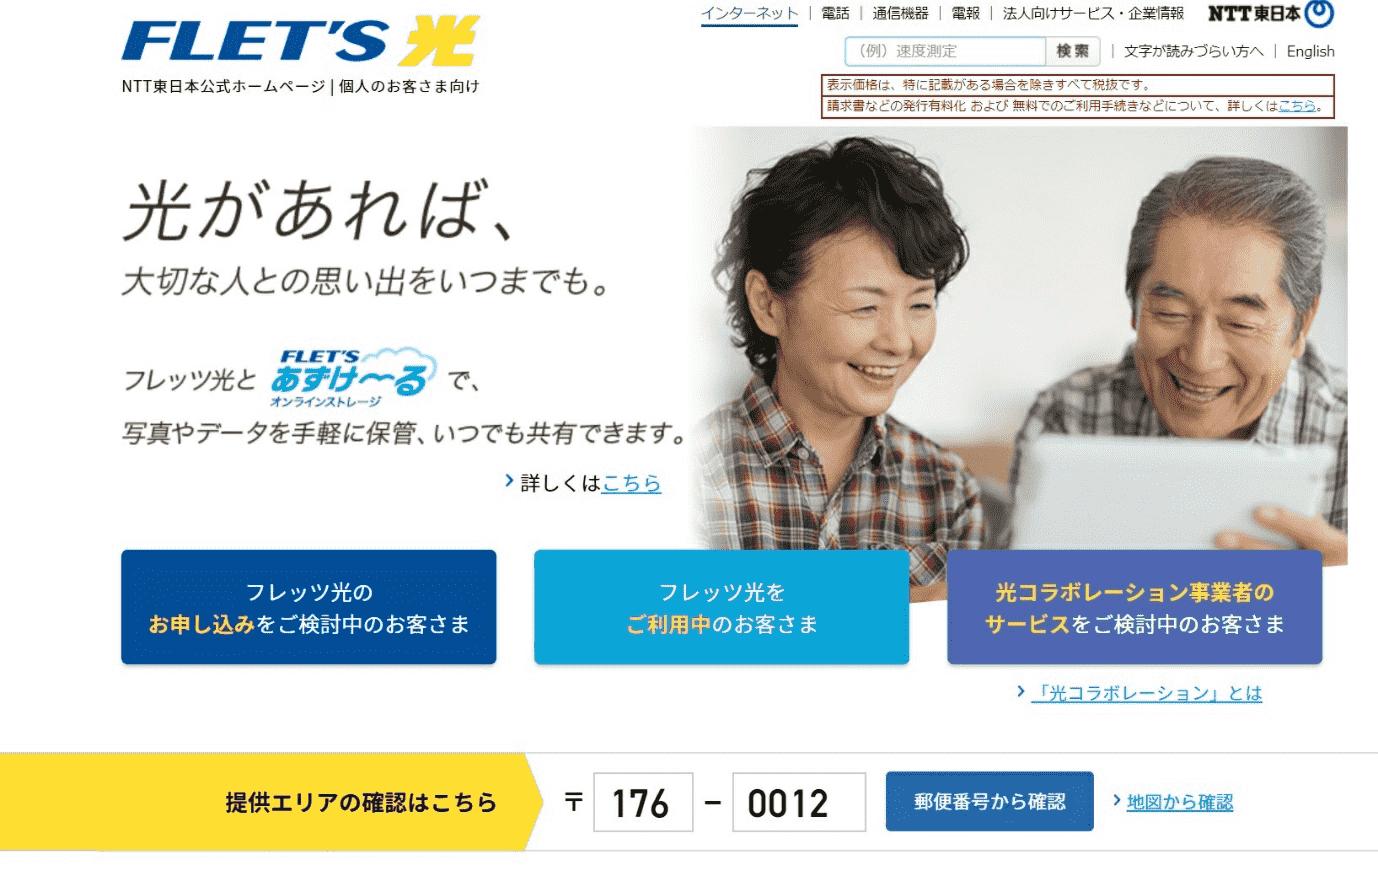 東日本エリア内でSo-net光を契約したい人は、フレッツ光東日本版のサイトからエリア検索を行う